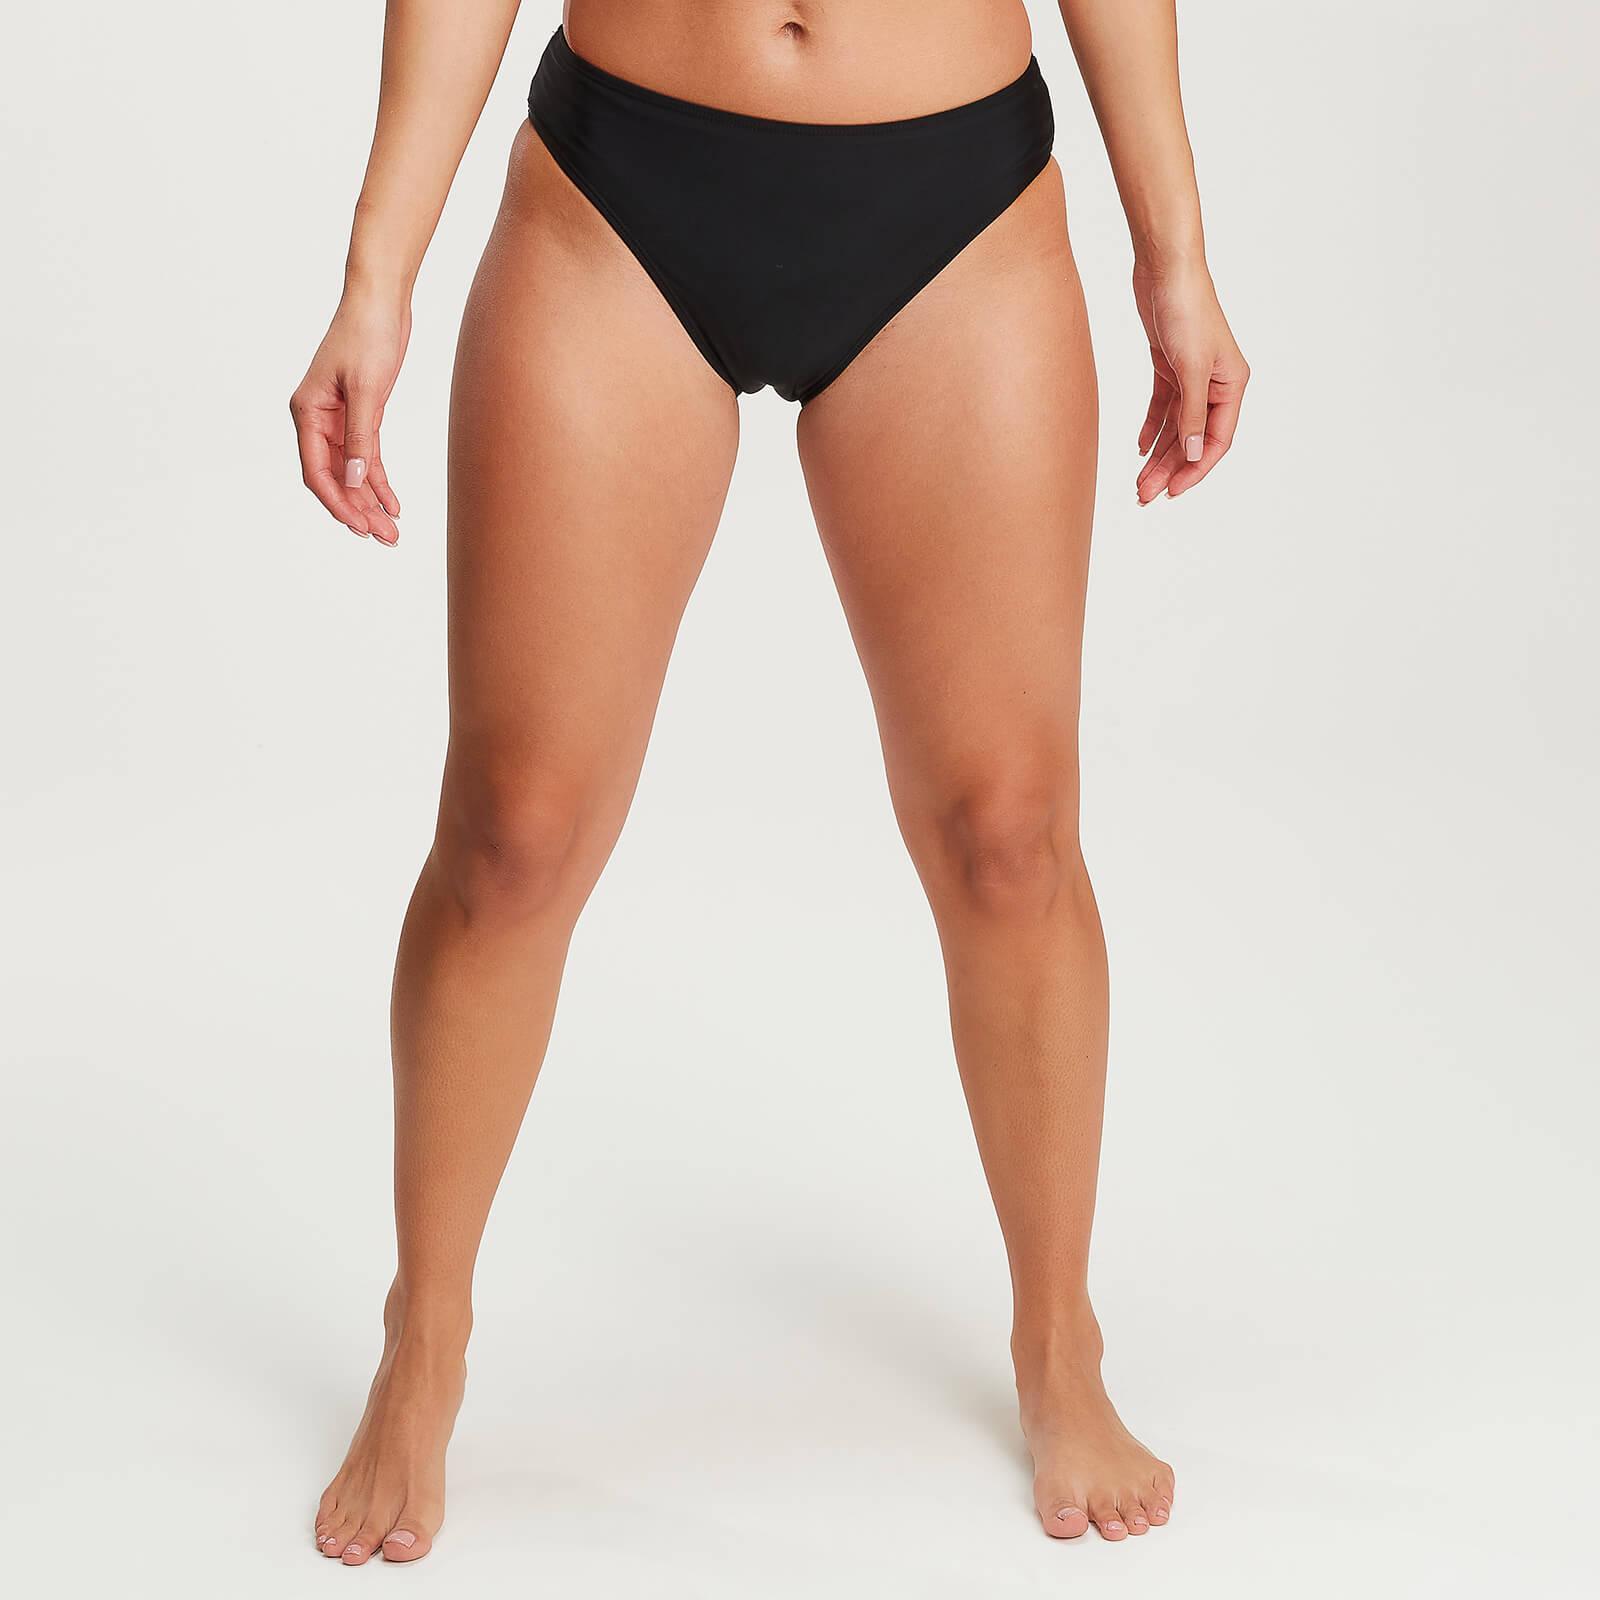 Bas de bikini Essentials - Noir - S